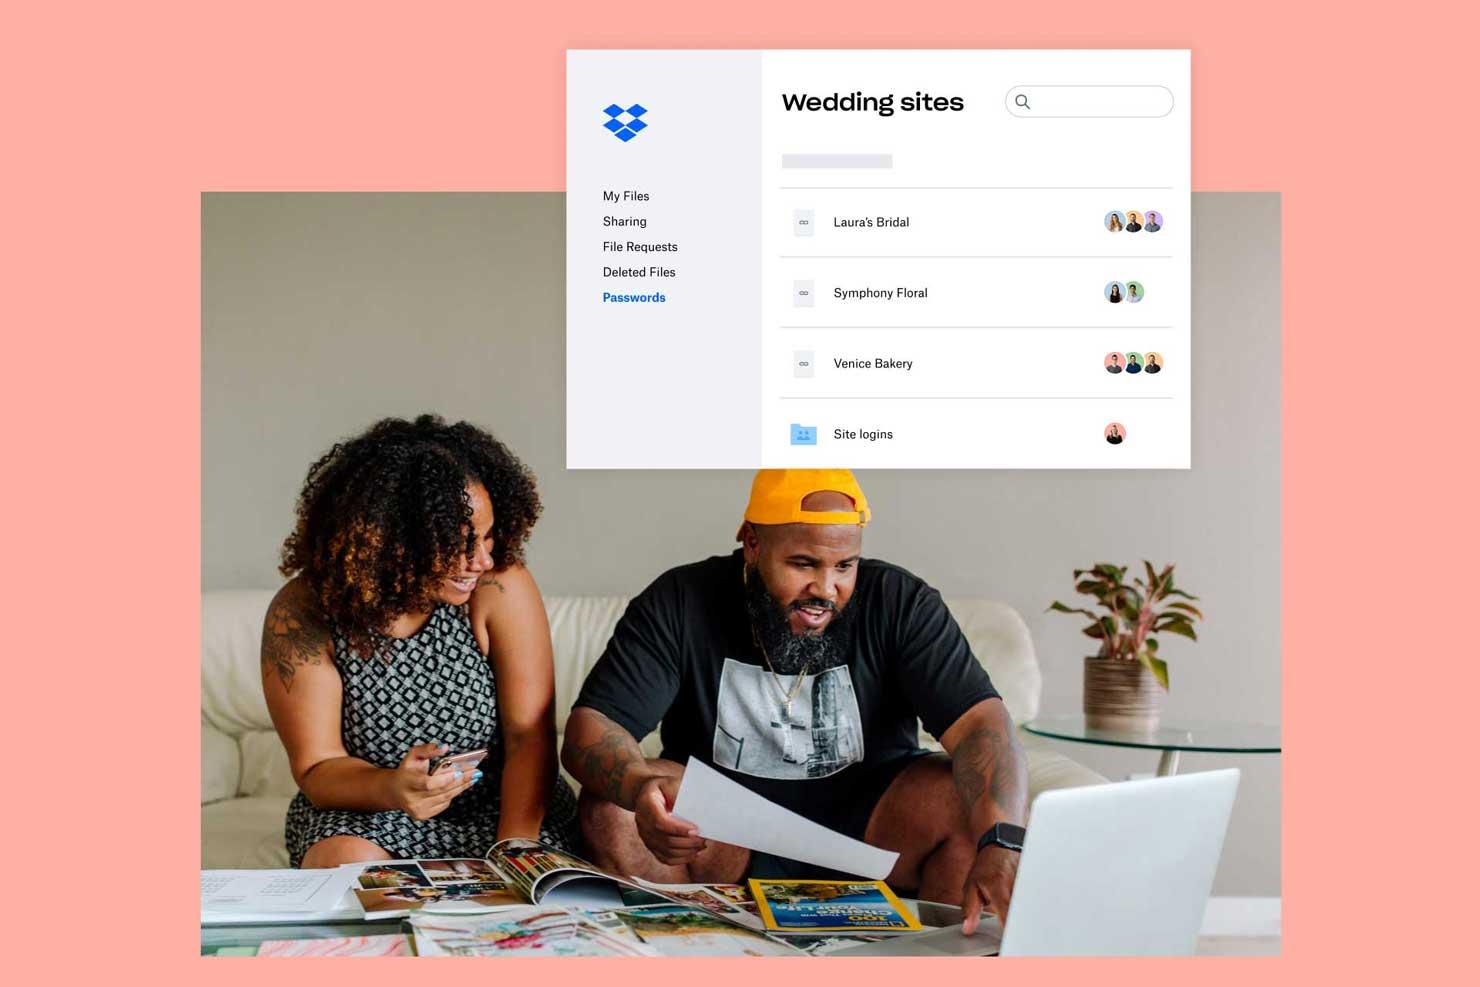 Couple assis sur un canapé avec une pile de papiers et un ordinateur portable sur une table basse, regardant un dossier de mariage dans Dropbox